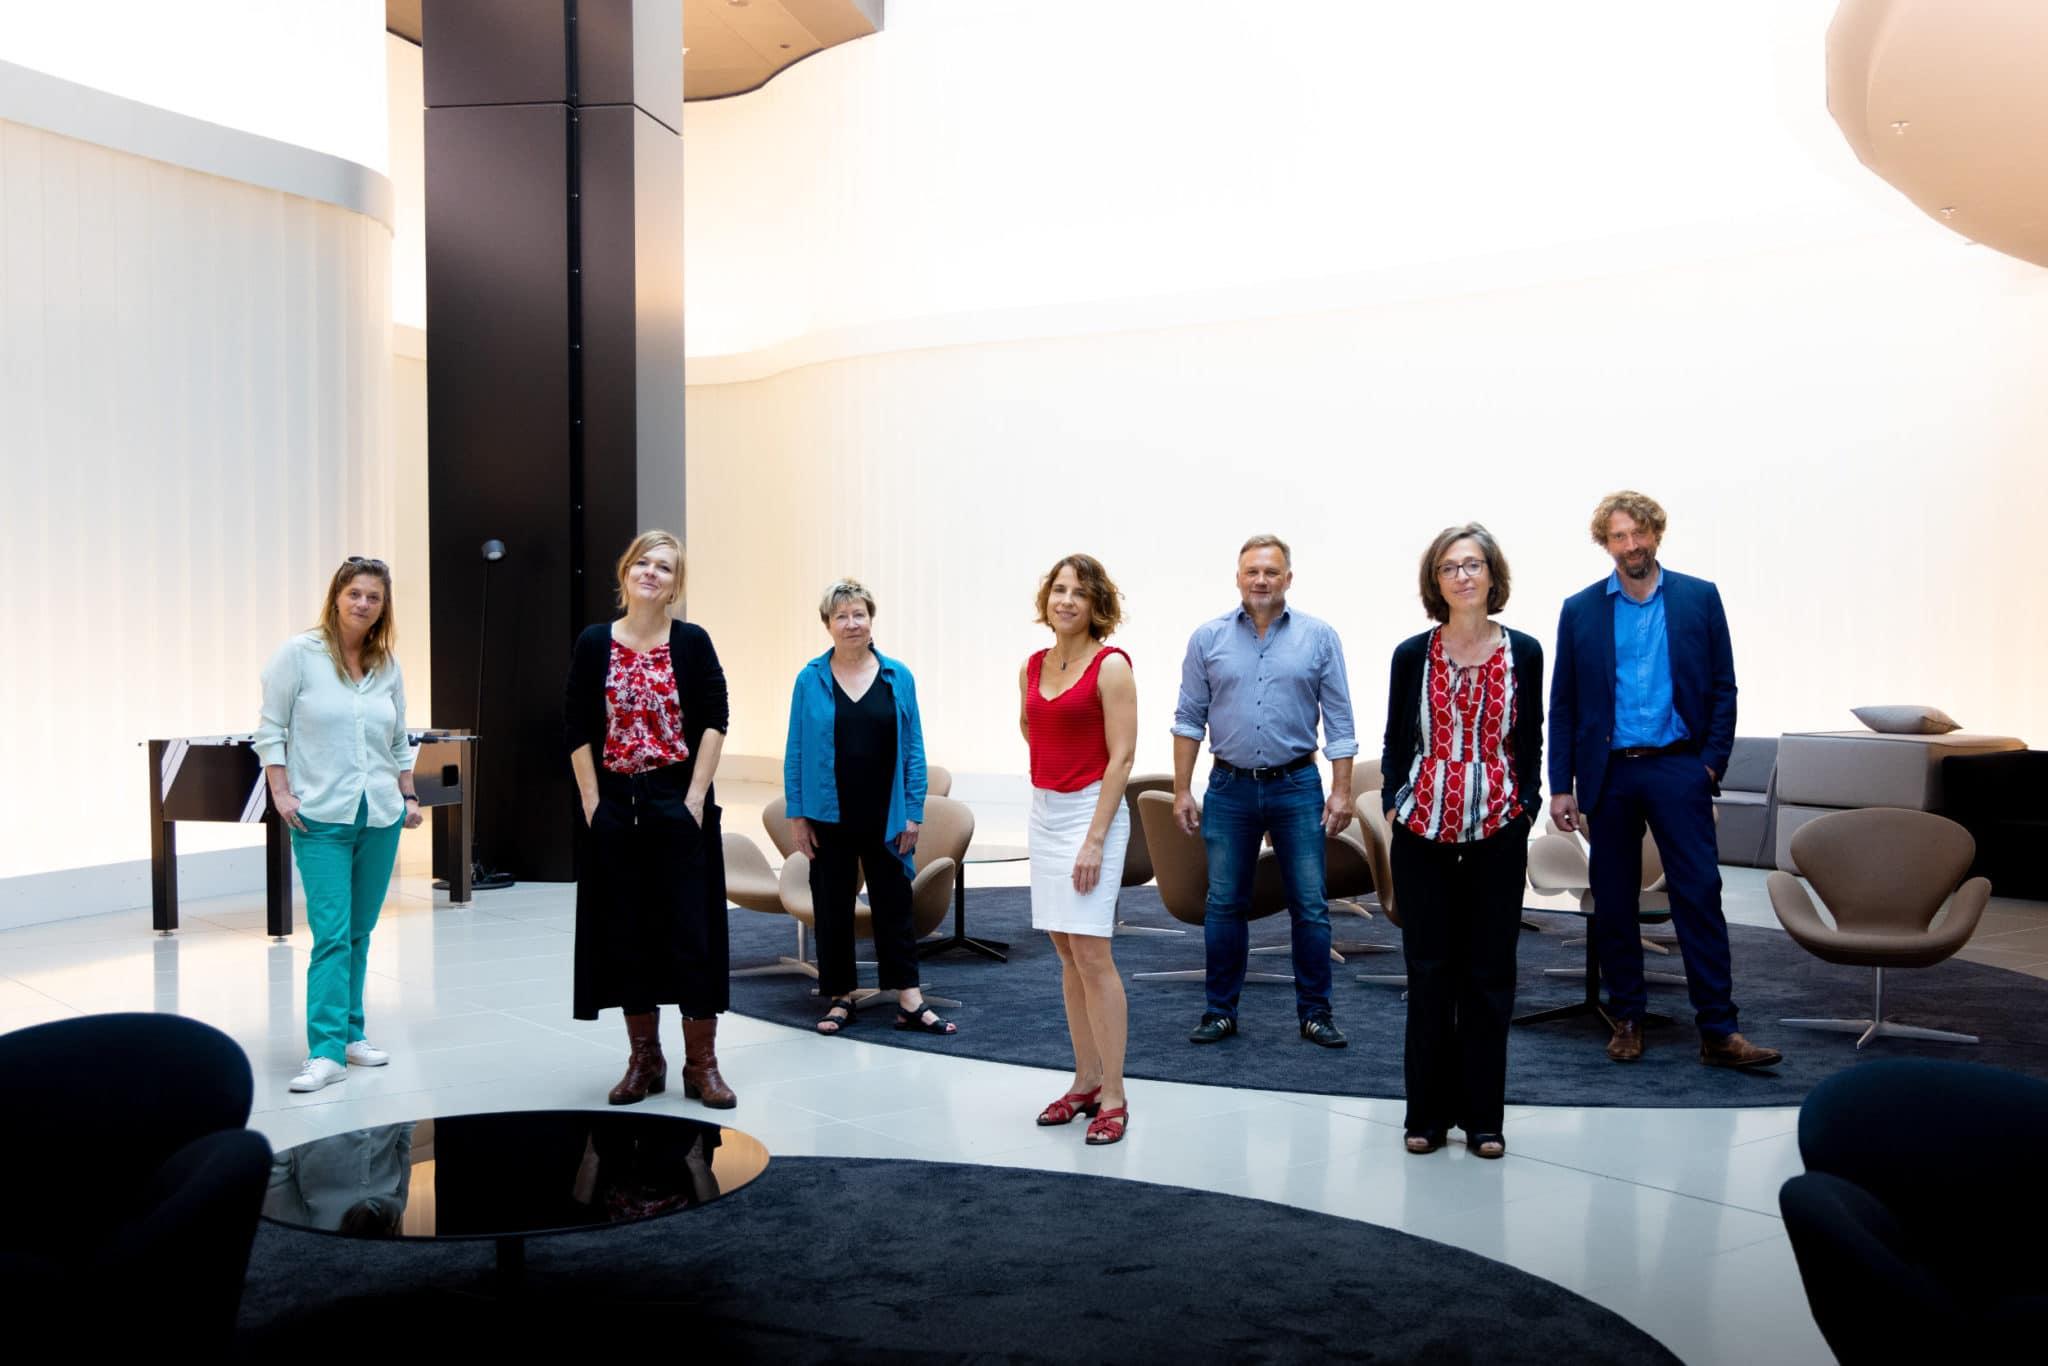 Die Jury des Deutschen Buchpreises 2021 V.l.n.r.: Sandra Kegel, Anja Johannsen, Beate Scherzer, Anne-Catherine Simon, Richard Kämmerlings, Bettina Fischer, Knut Cordsen © vntr.media